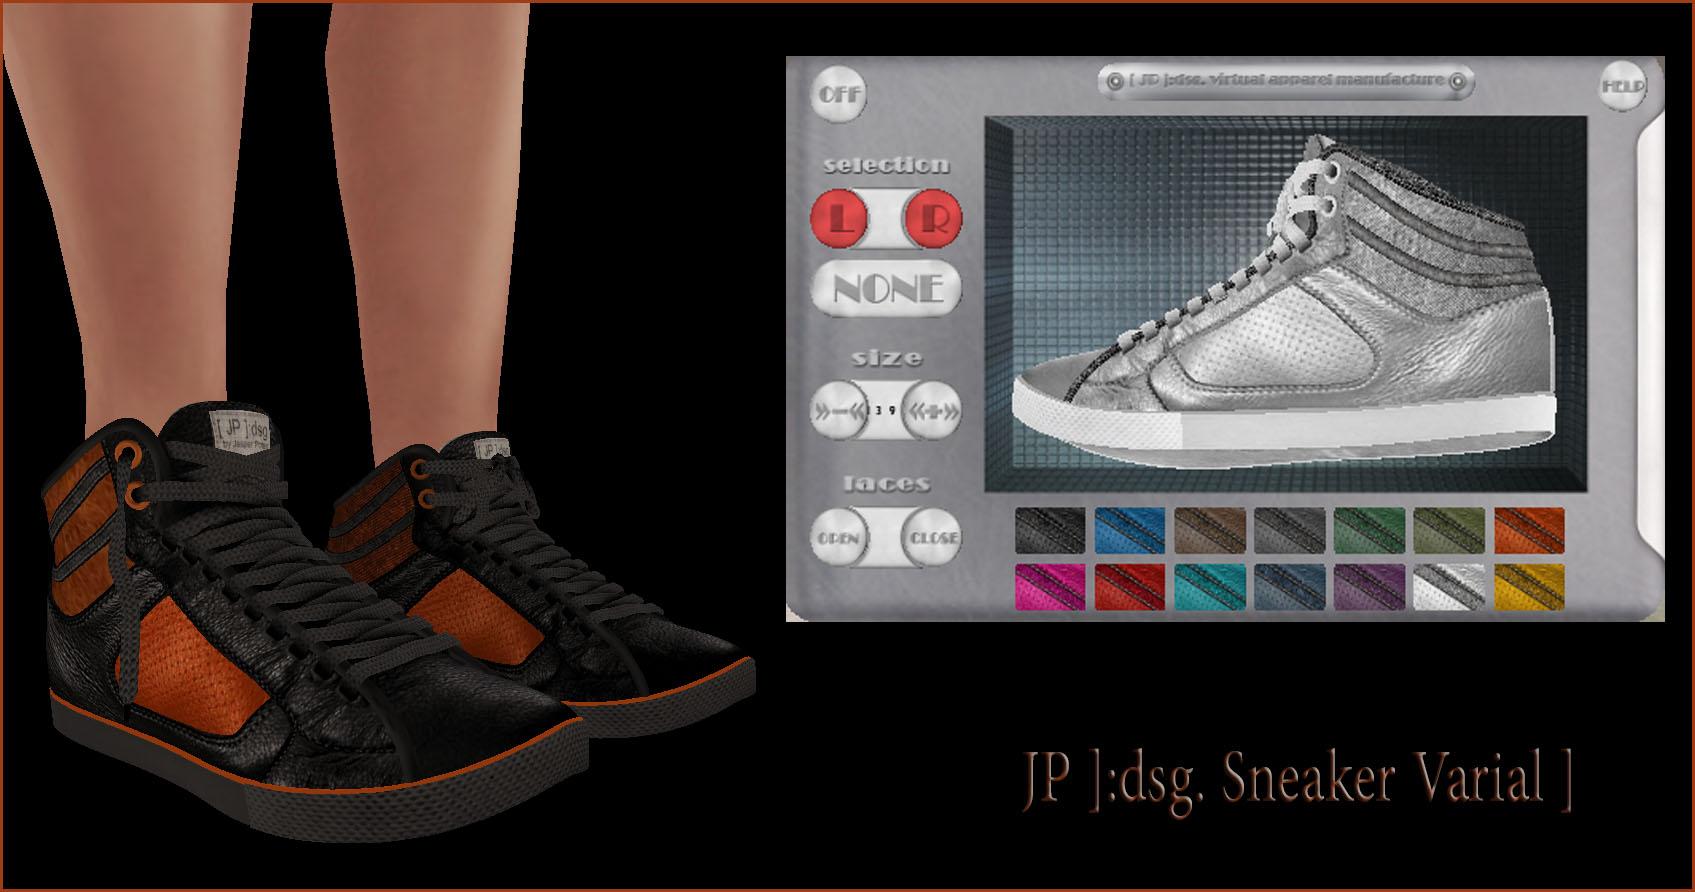 [ JP ]:dsg. Sneaker Varial